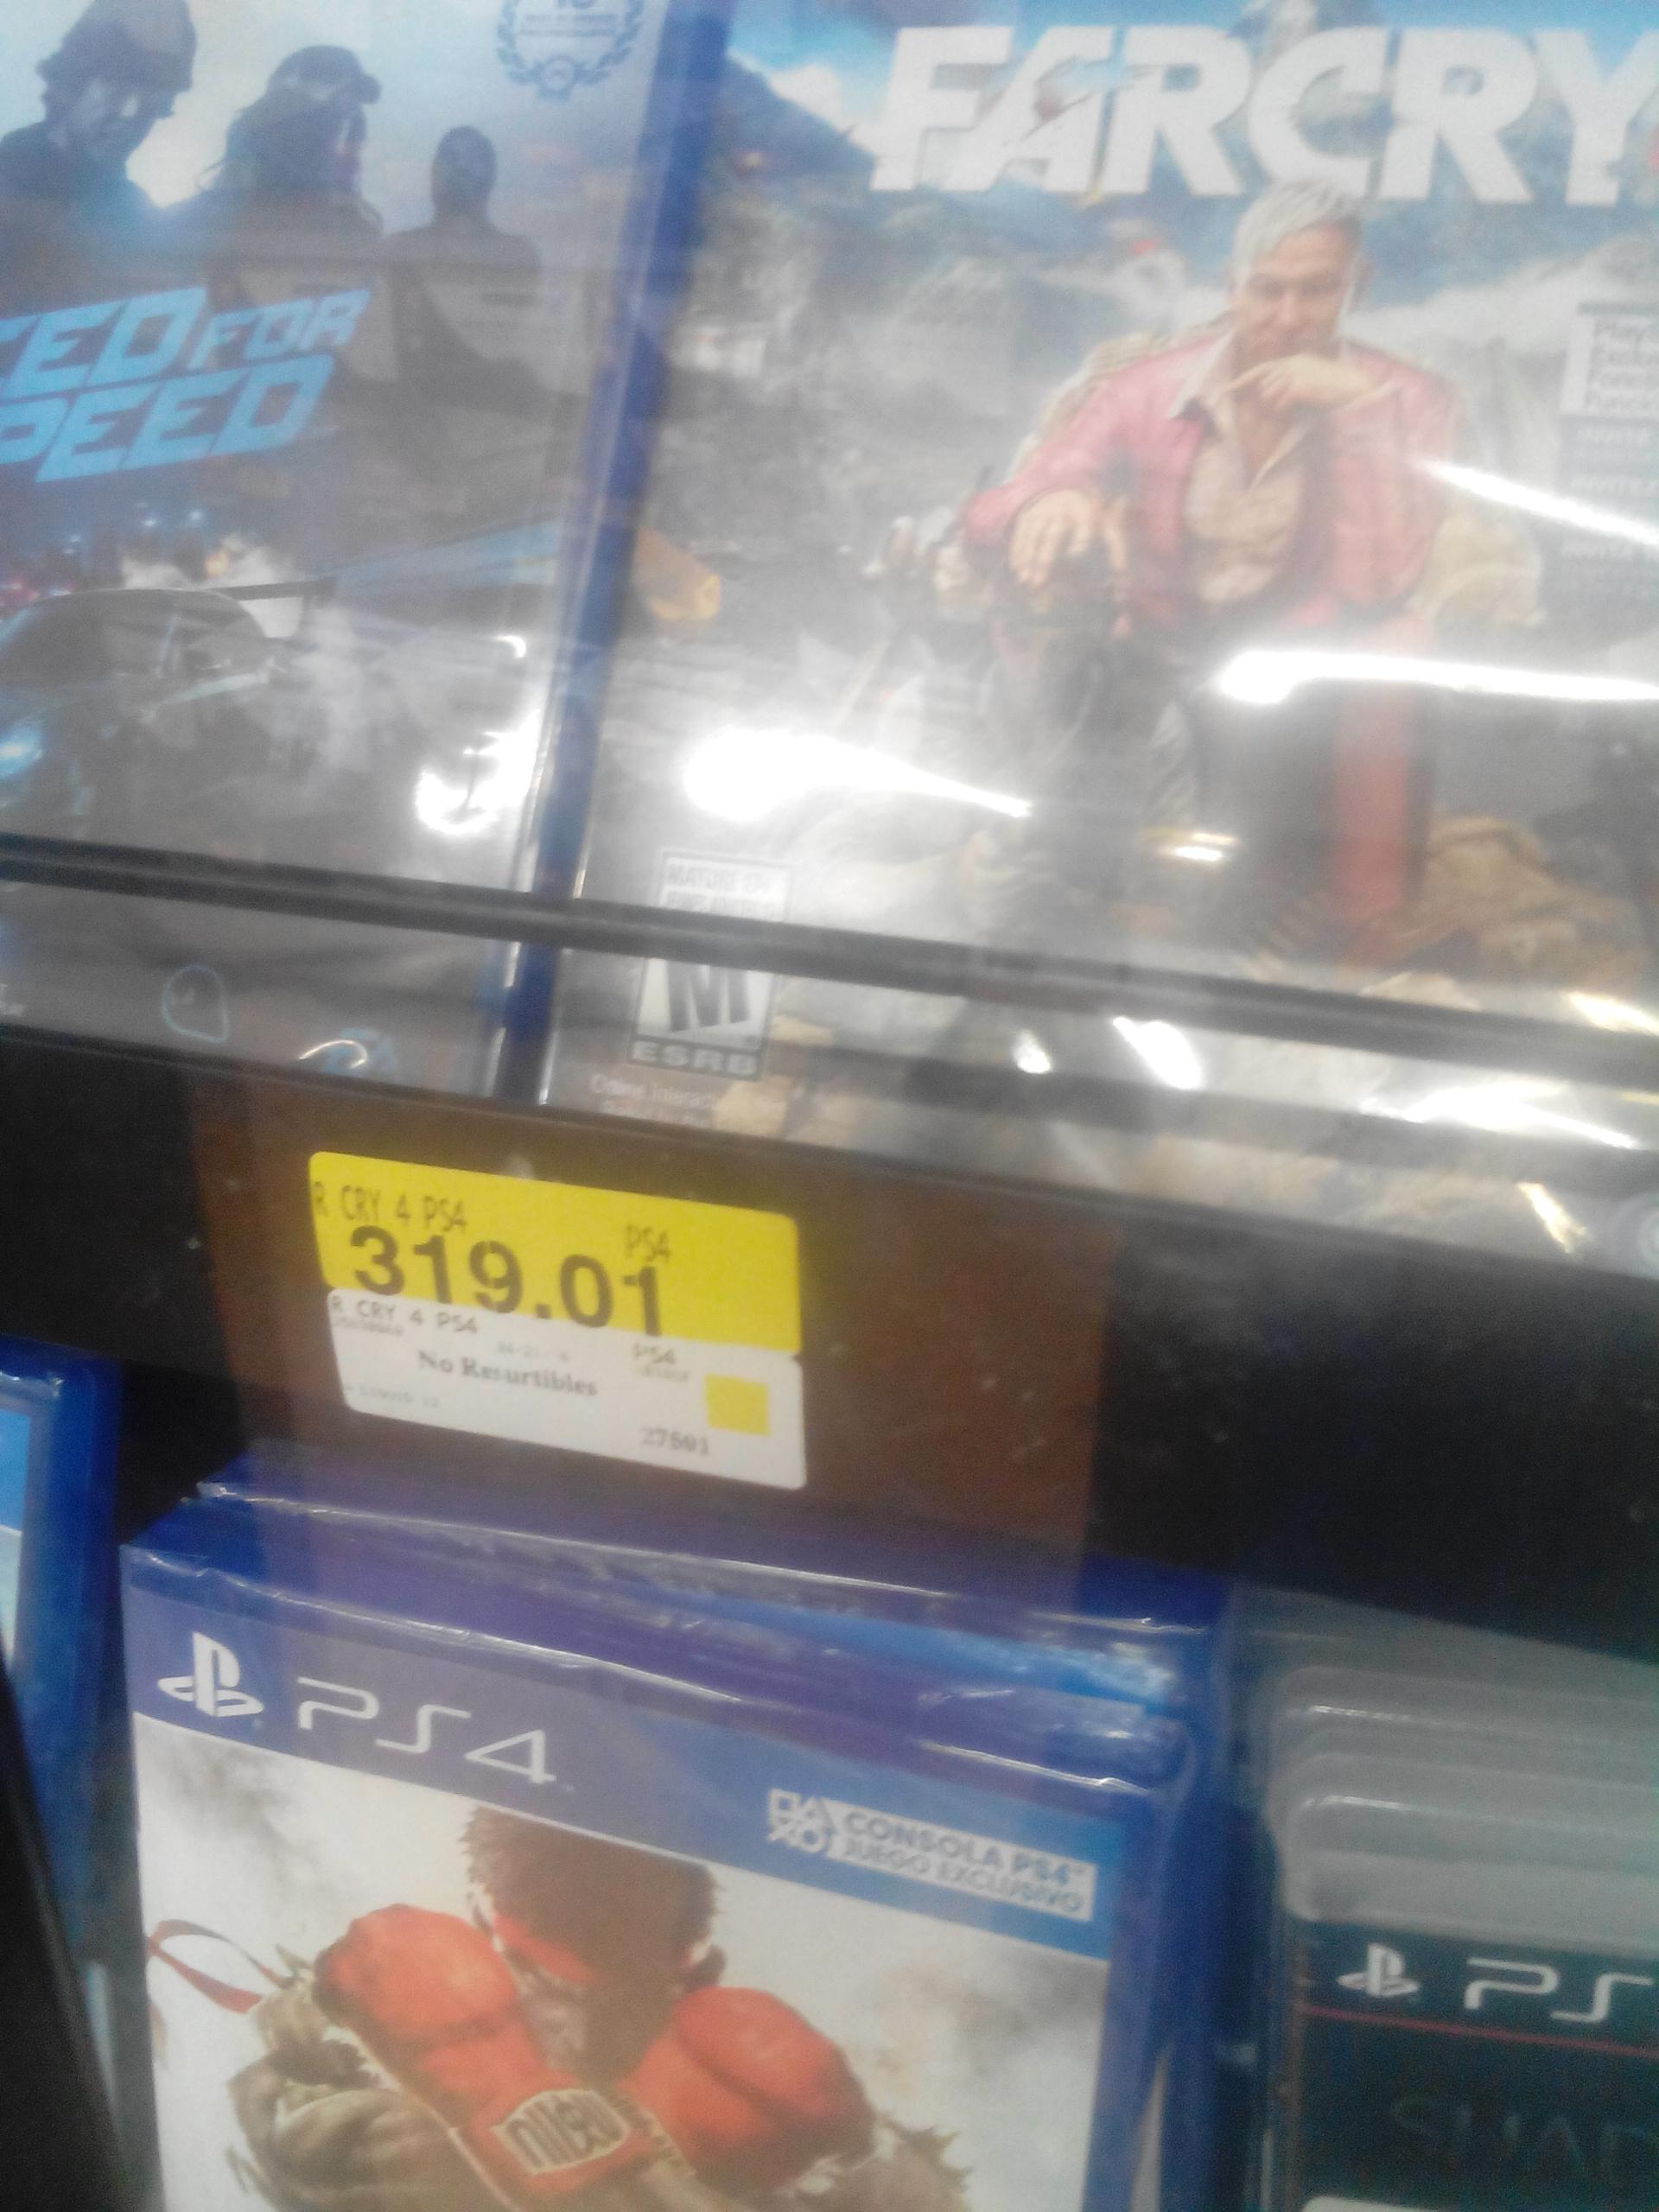 Walmart: Farcry 4 para PS4 y Xbox One a $319.01